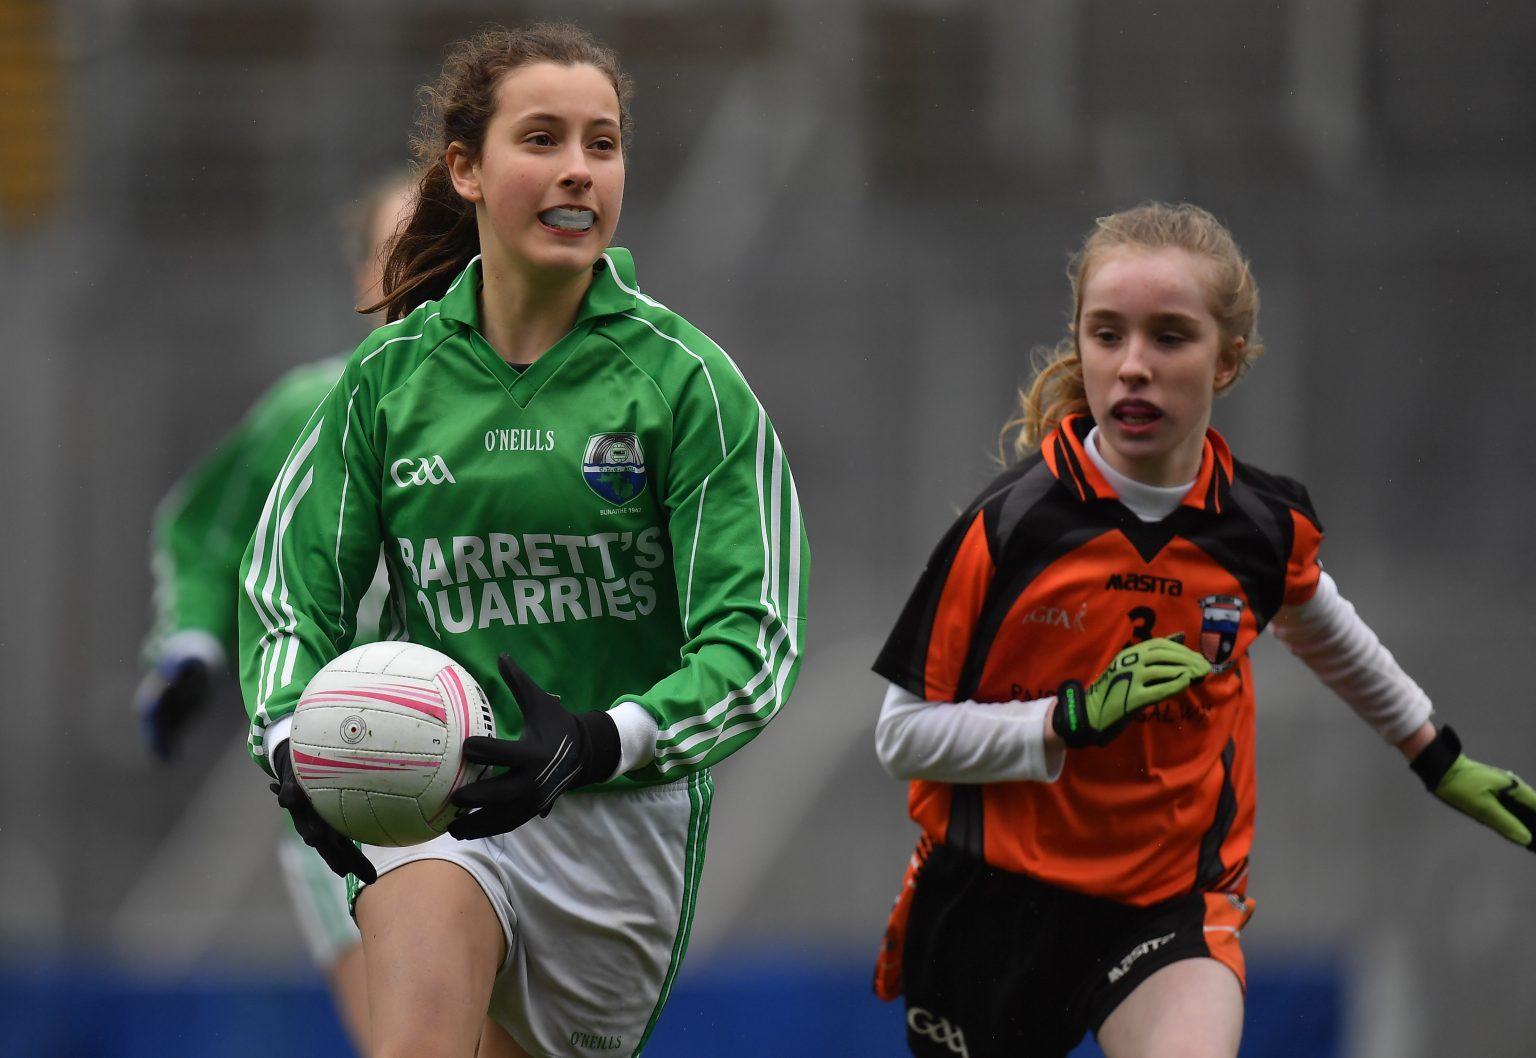 Lá Náisiúnta Blitz na gClub Gaeltachta In Croke Park A Big Hit With Clubs And Schools